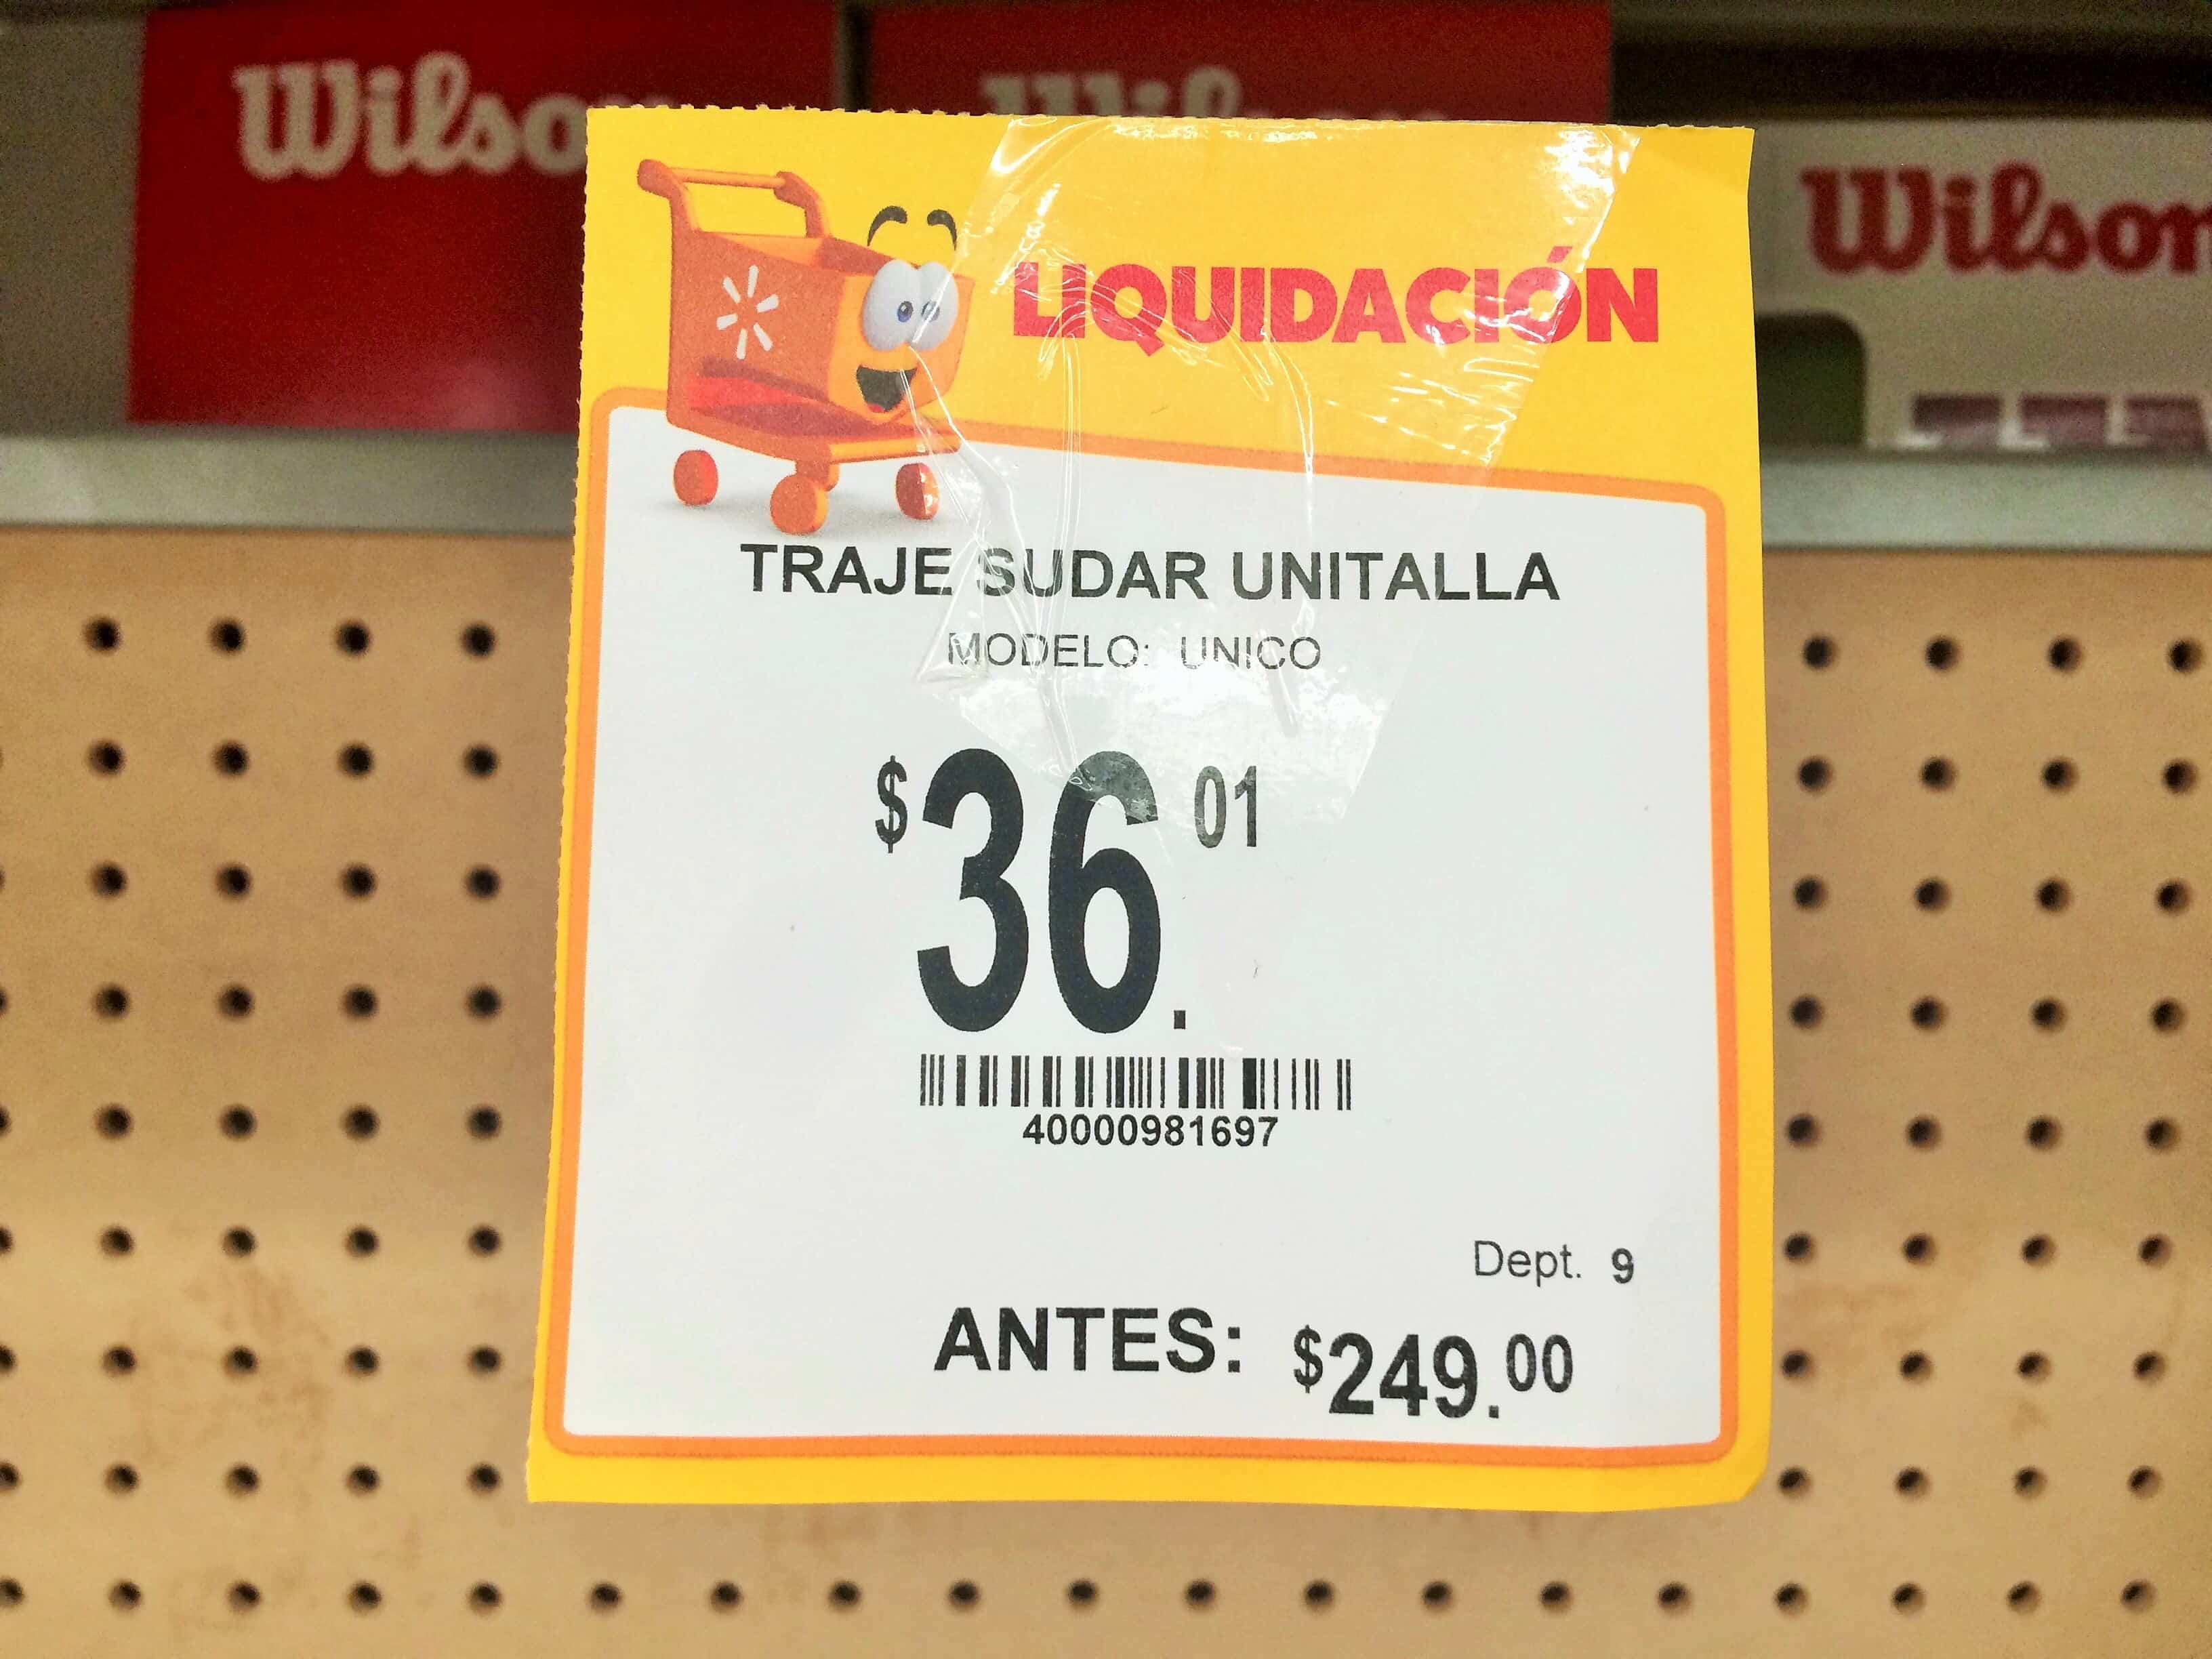 Guía Universal de Liquidaciones en Grupo Walmart – 03, 02 y 01 a detalle…